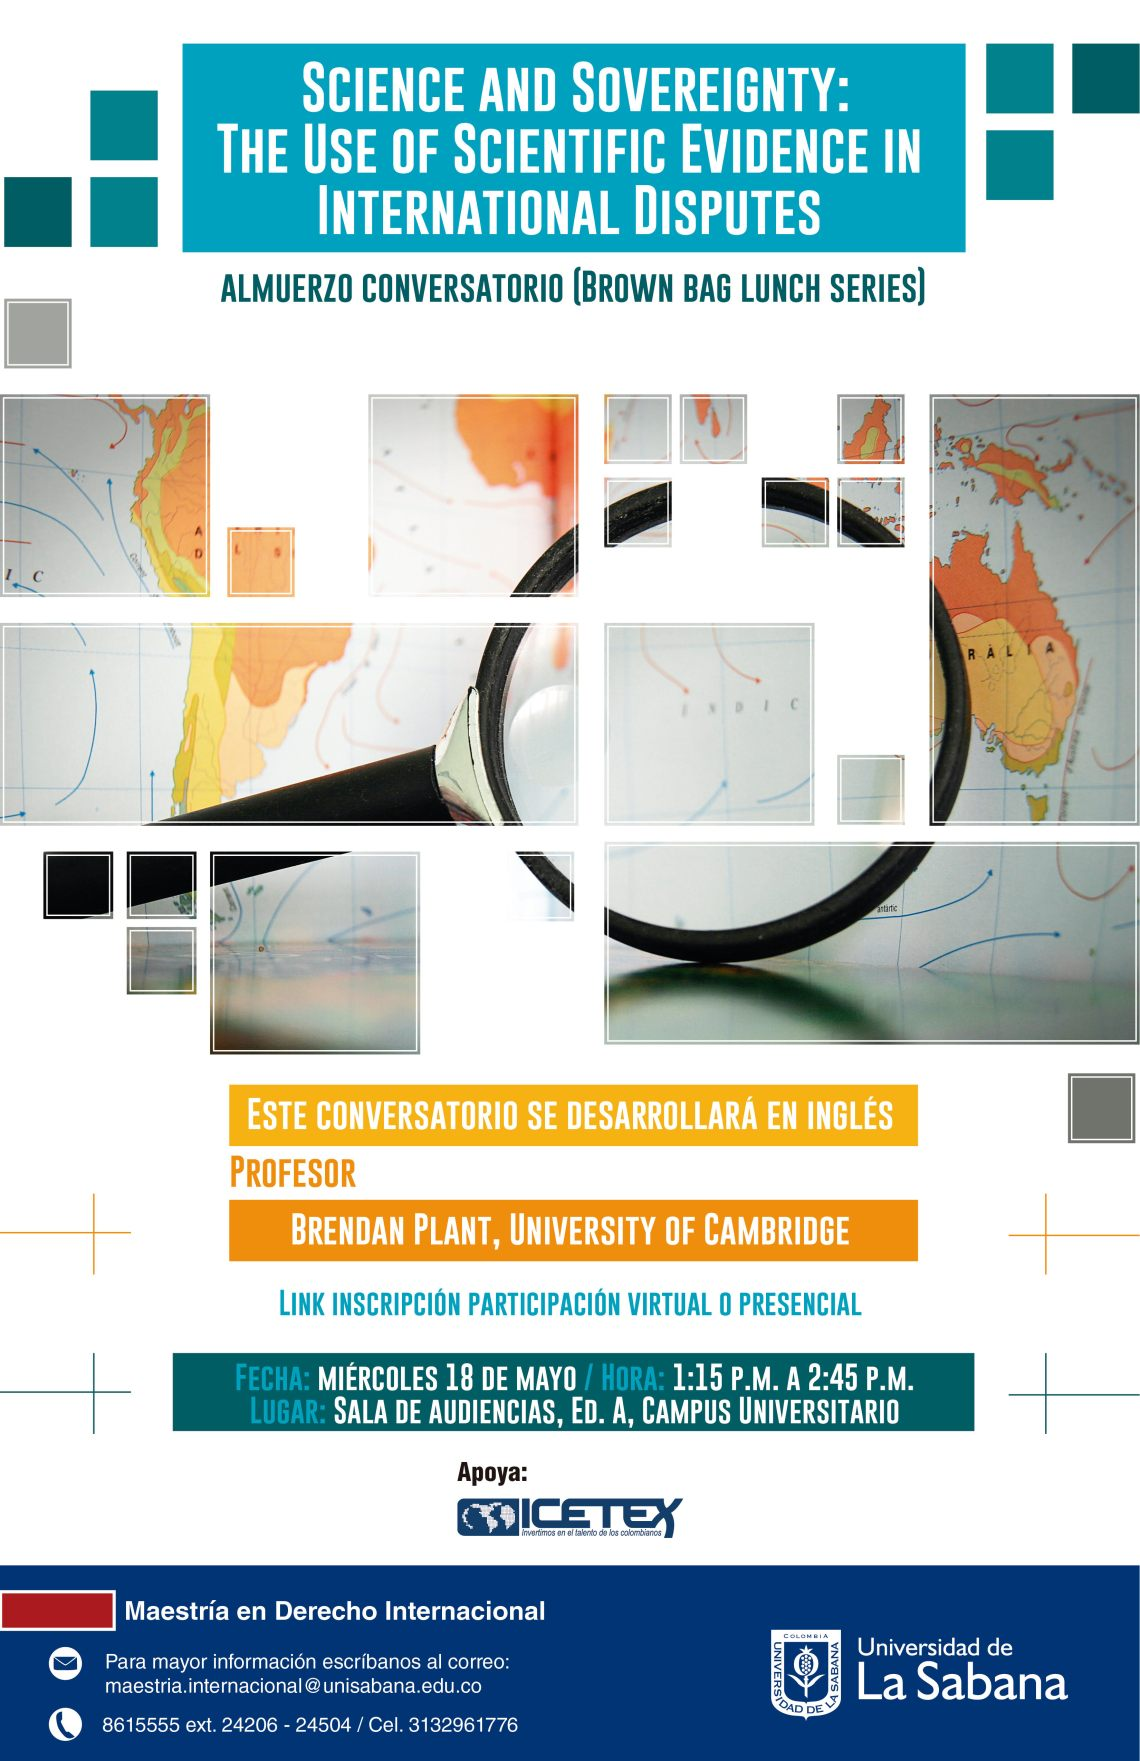 acedi-cilsa-maestria-derecho-internacional-sabana-science-sovereignty-plant